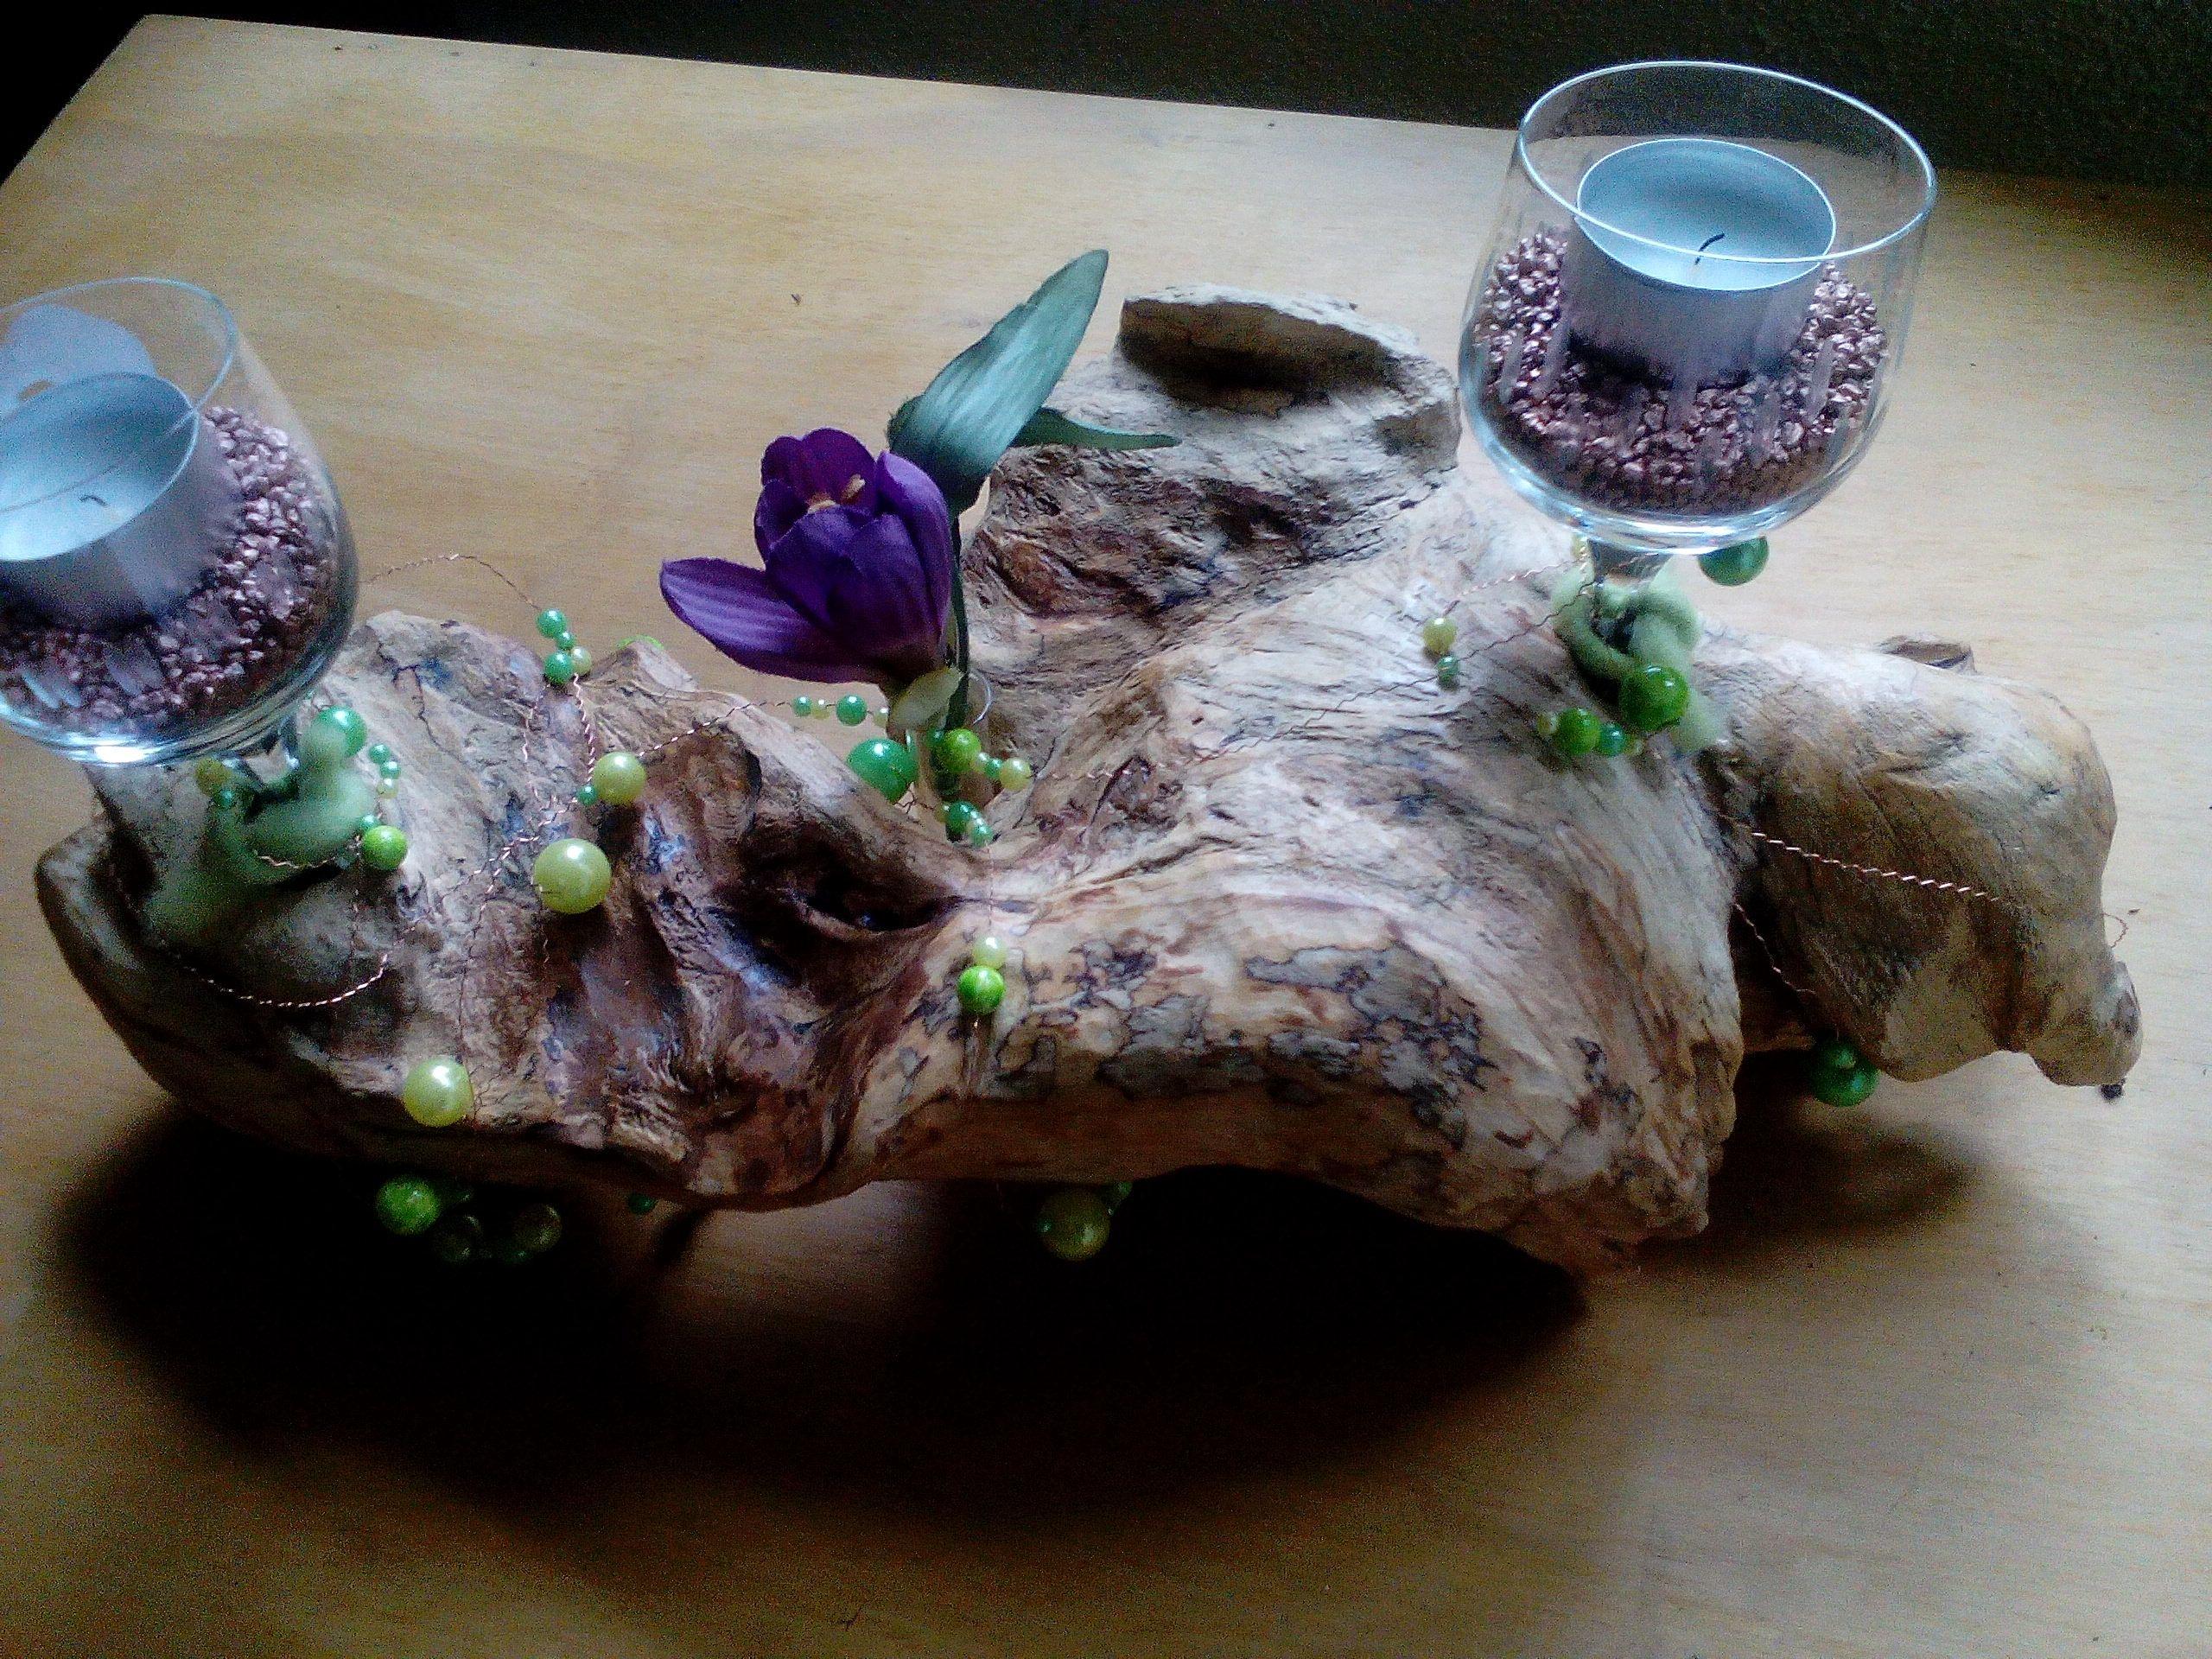 tischdeko Apfelbaumwurzel ein kleiner Teil davon mit zwei alten Weingläsern und einem Reagenzglas ausgestattet ais Tischdko gut zu gebrauchen